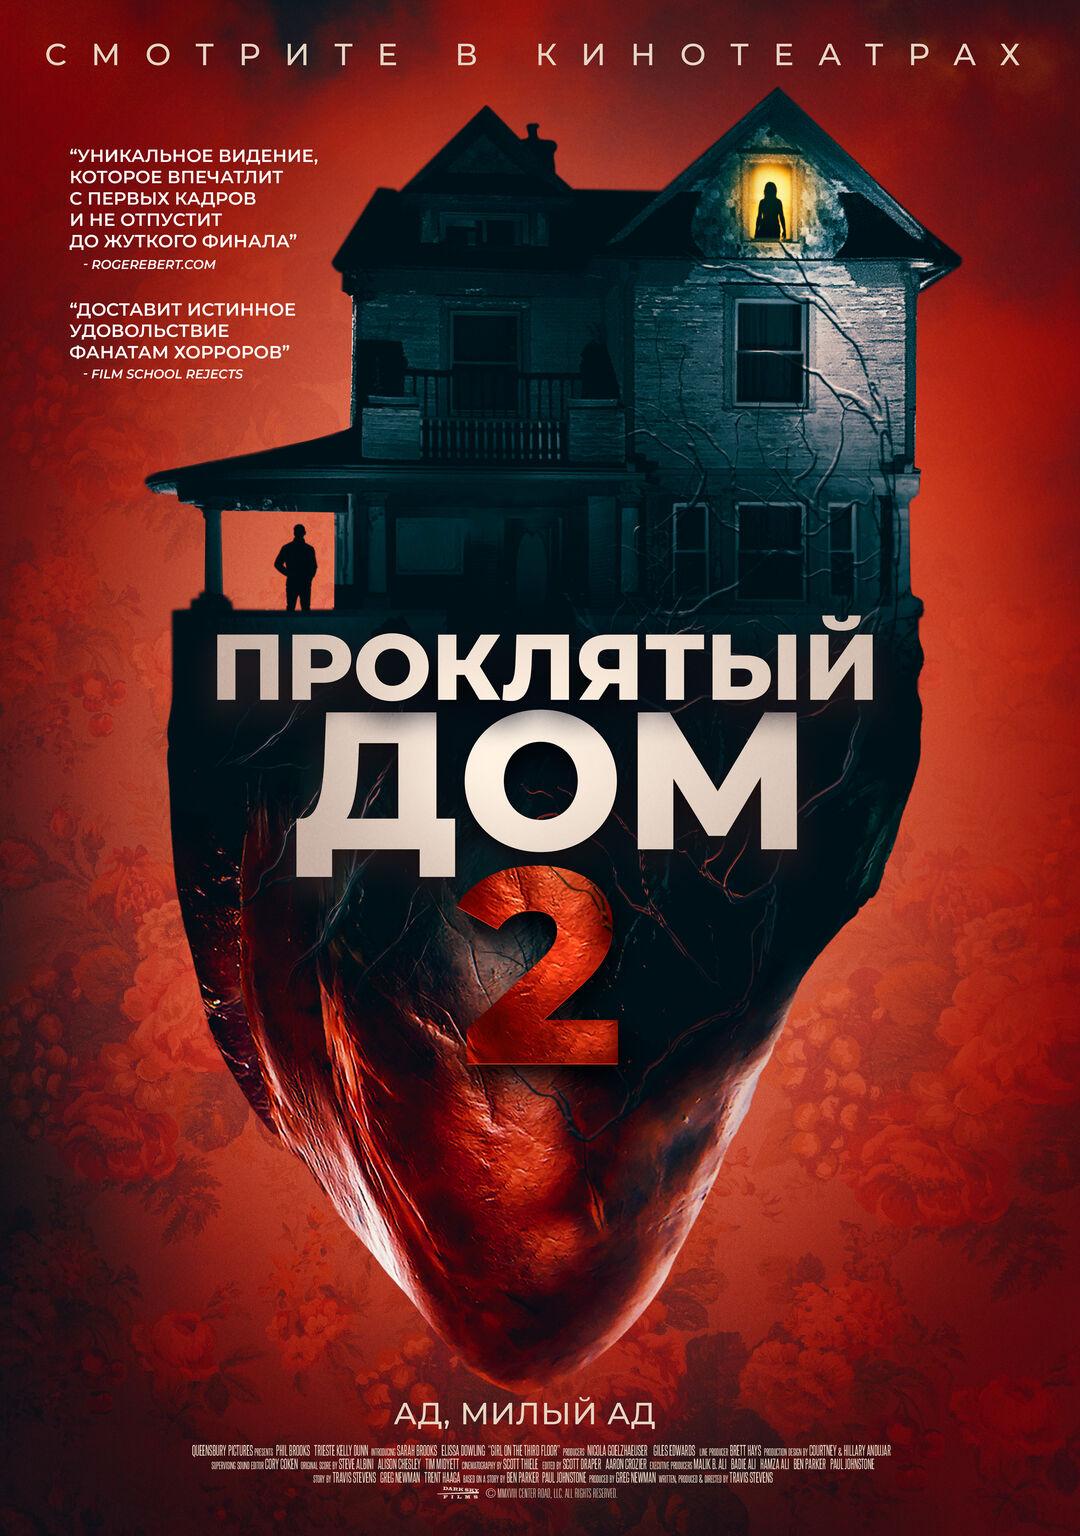 Проклятый дом 2, постер № 1